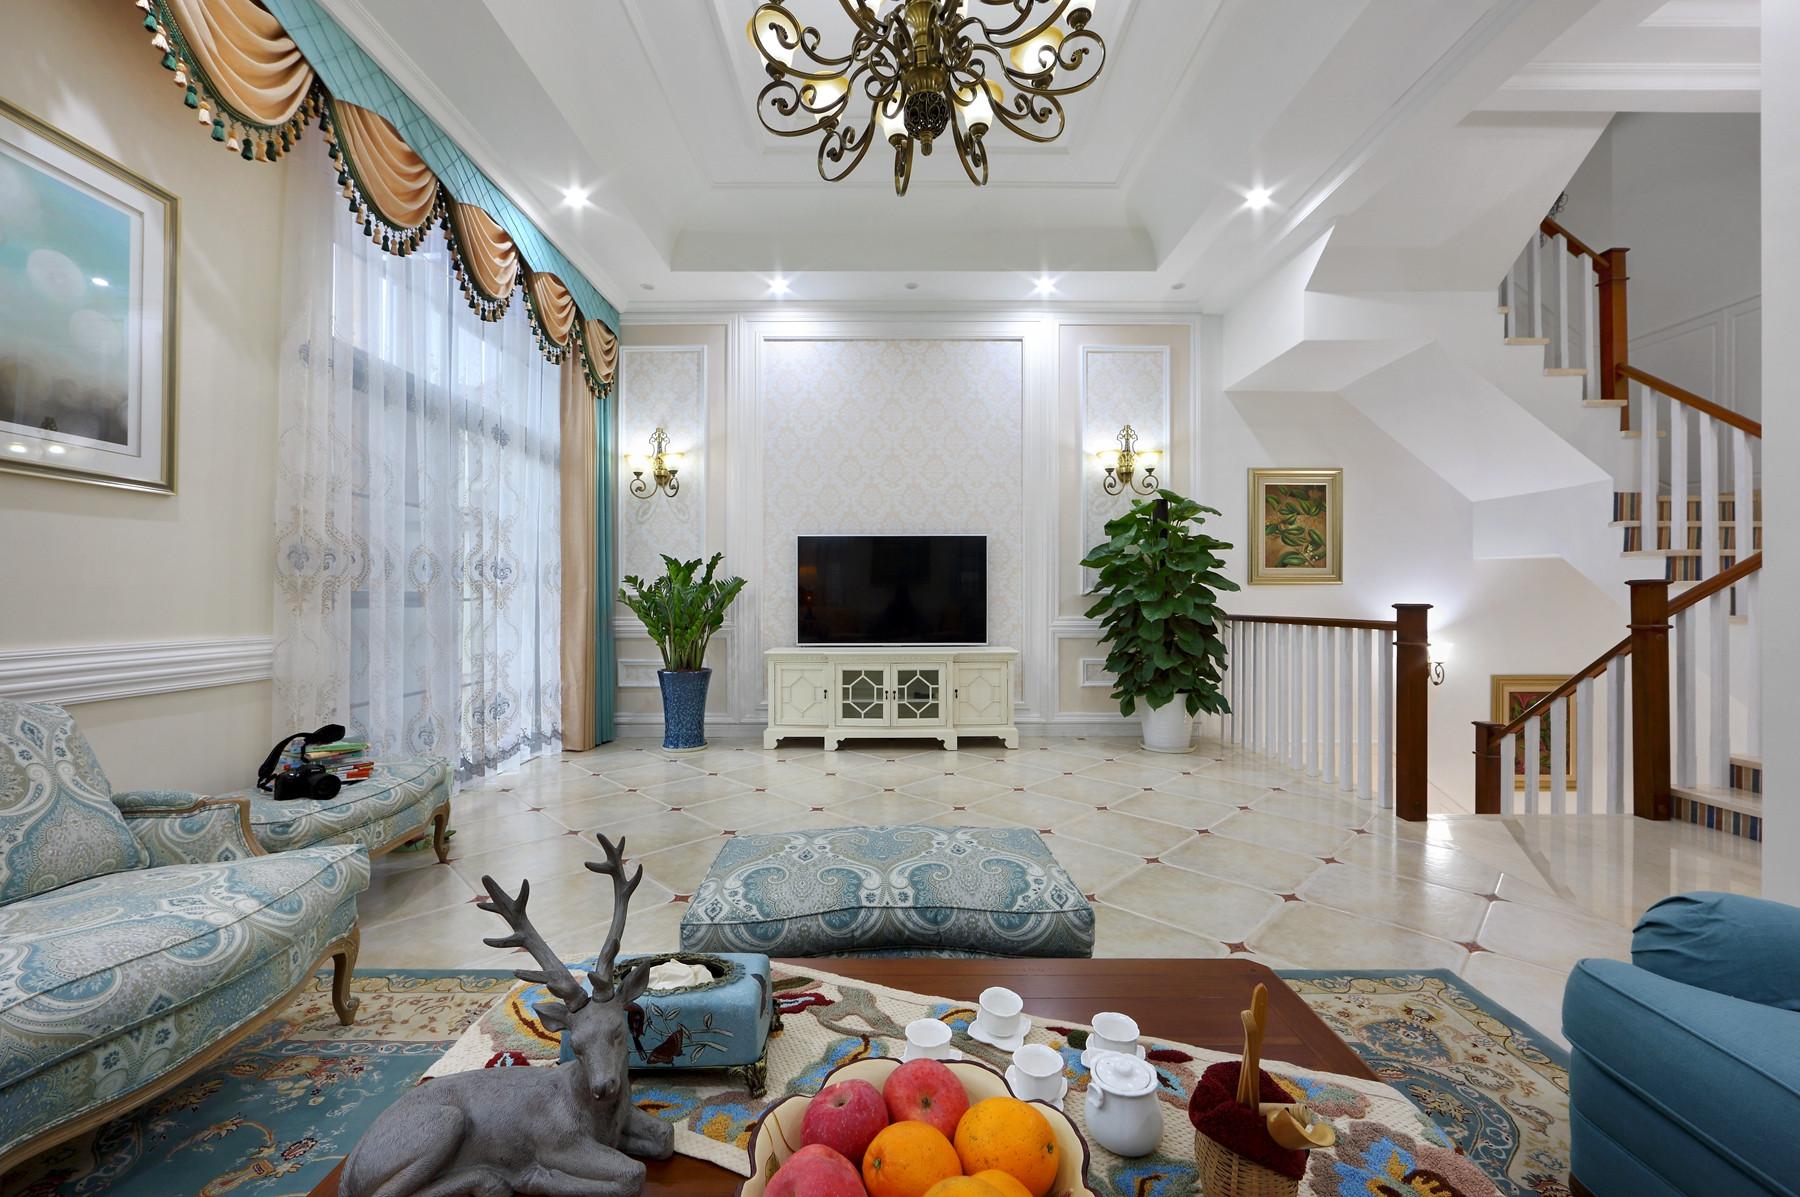 美式豪华别墅电视背景墙装修布置图片